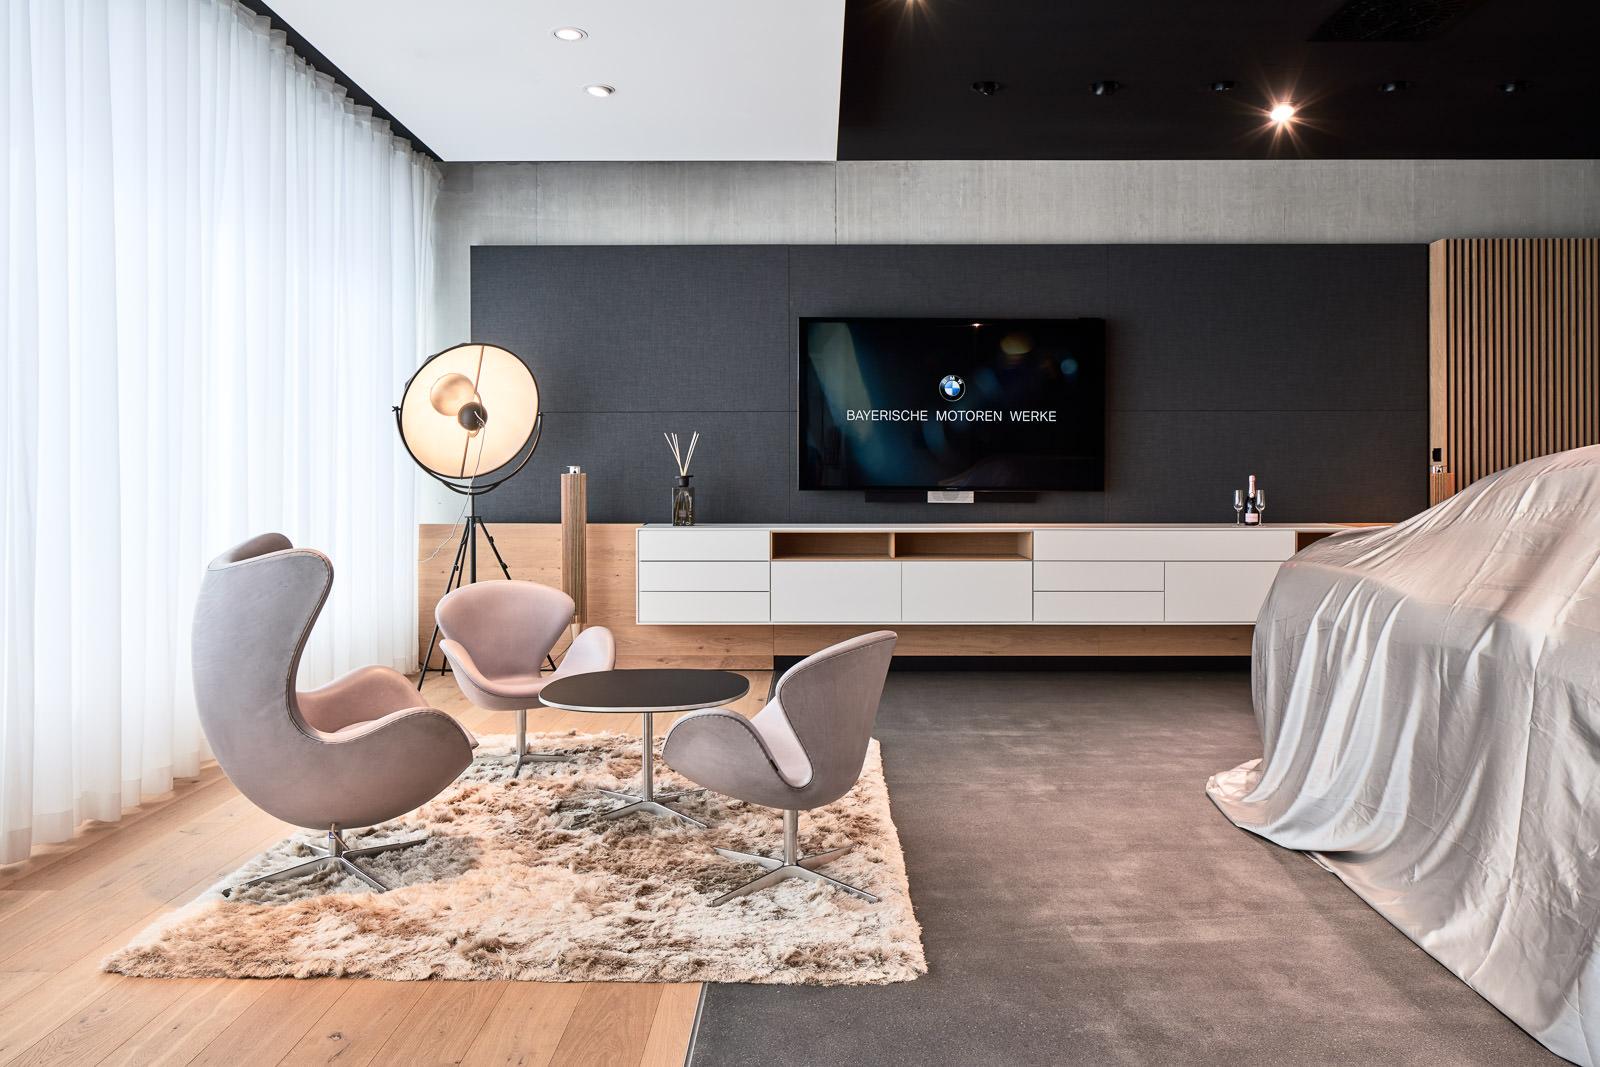 Interior Design Fotografie - Verkaufsräume Showroom Präsentationsräume - Hochwertige Innenarchitektur